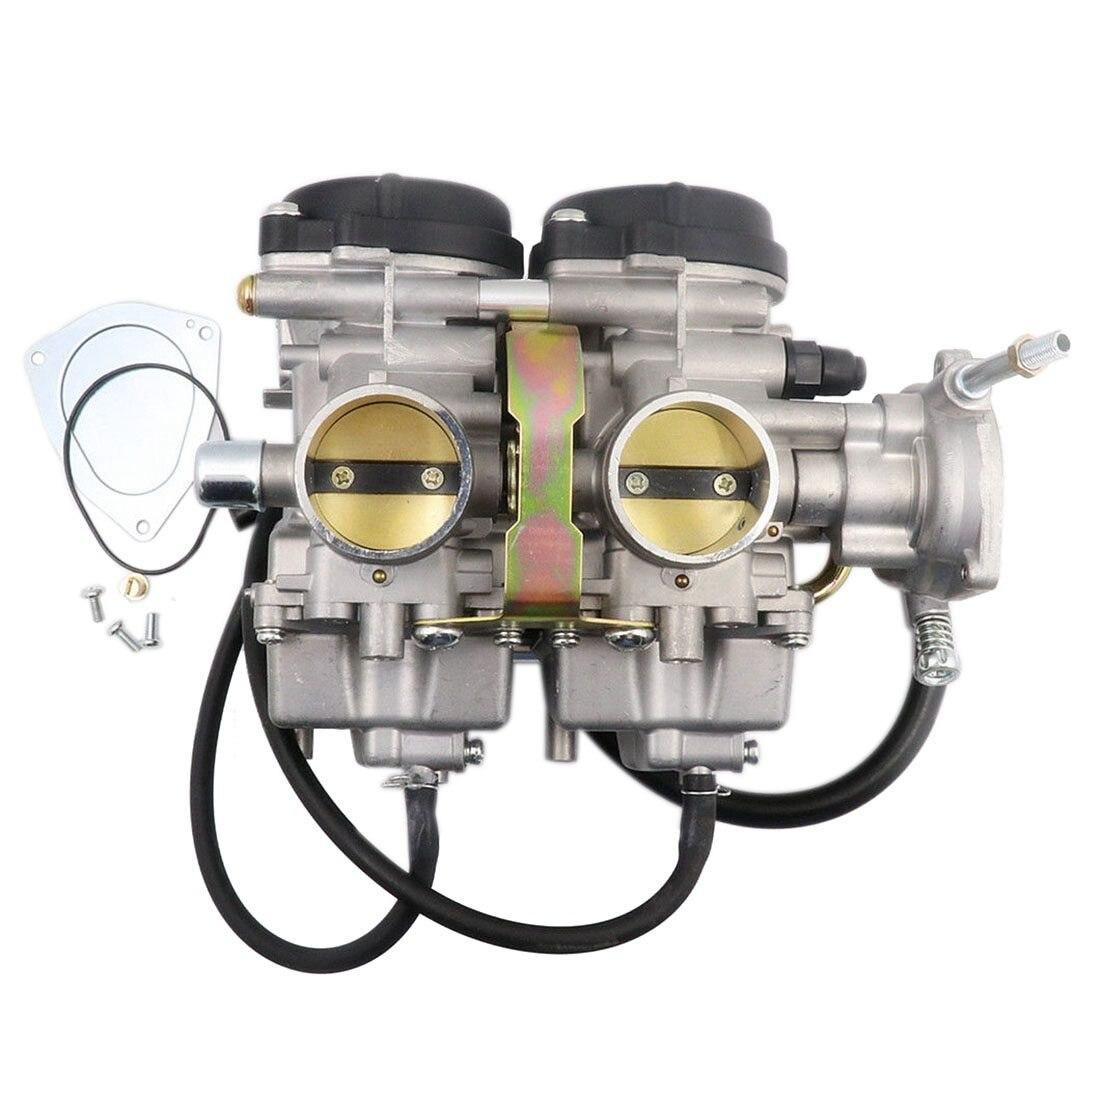 AUTO -New Carburetor for YAMAHA RAPTOR 660 YFM660 2001-2005 Carb carburetor for yamaha grizzly yfm660 2002 2008 bombardier can am ds650 baja racer x 2000 2007 polaris predator 500 atv quad carb